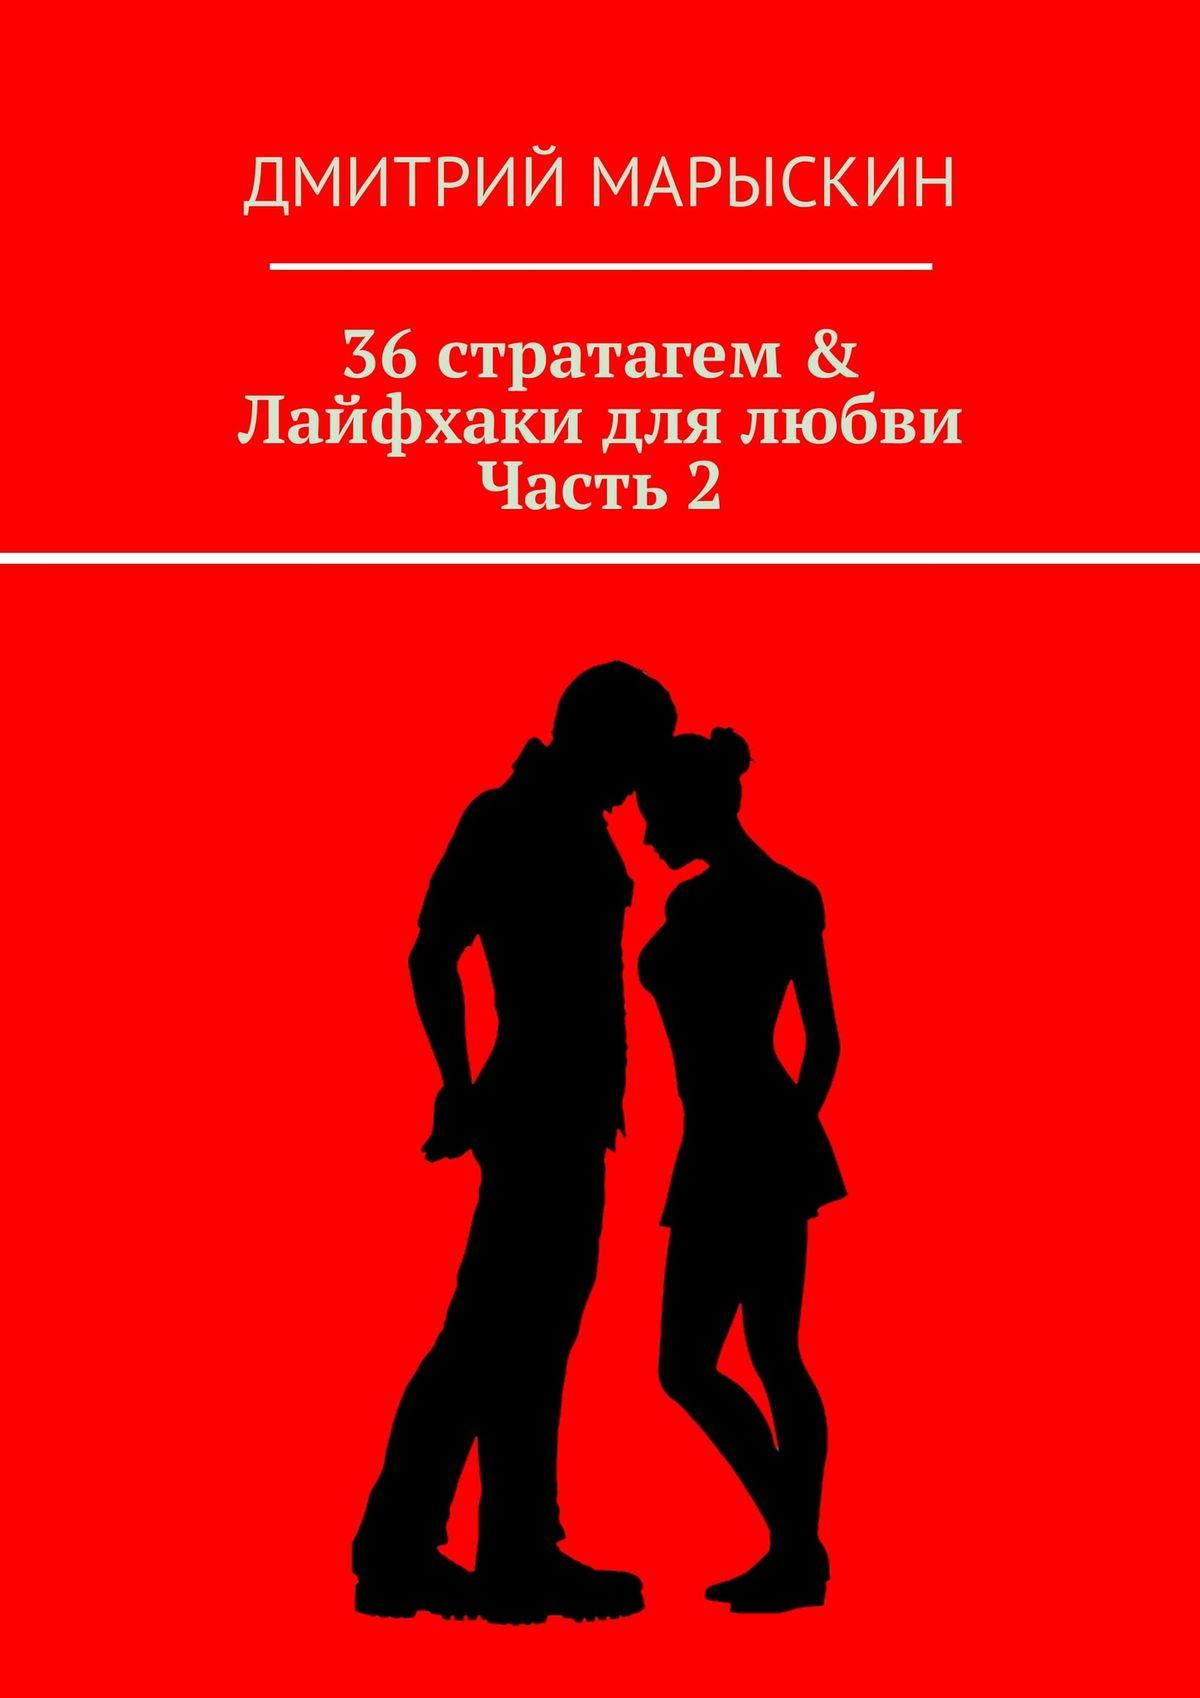 36стратагем&Лайфхаки для любви. Часть 2